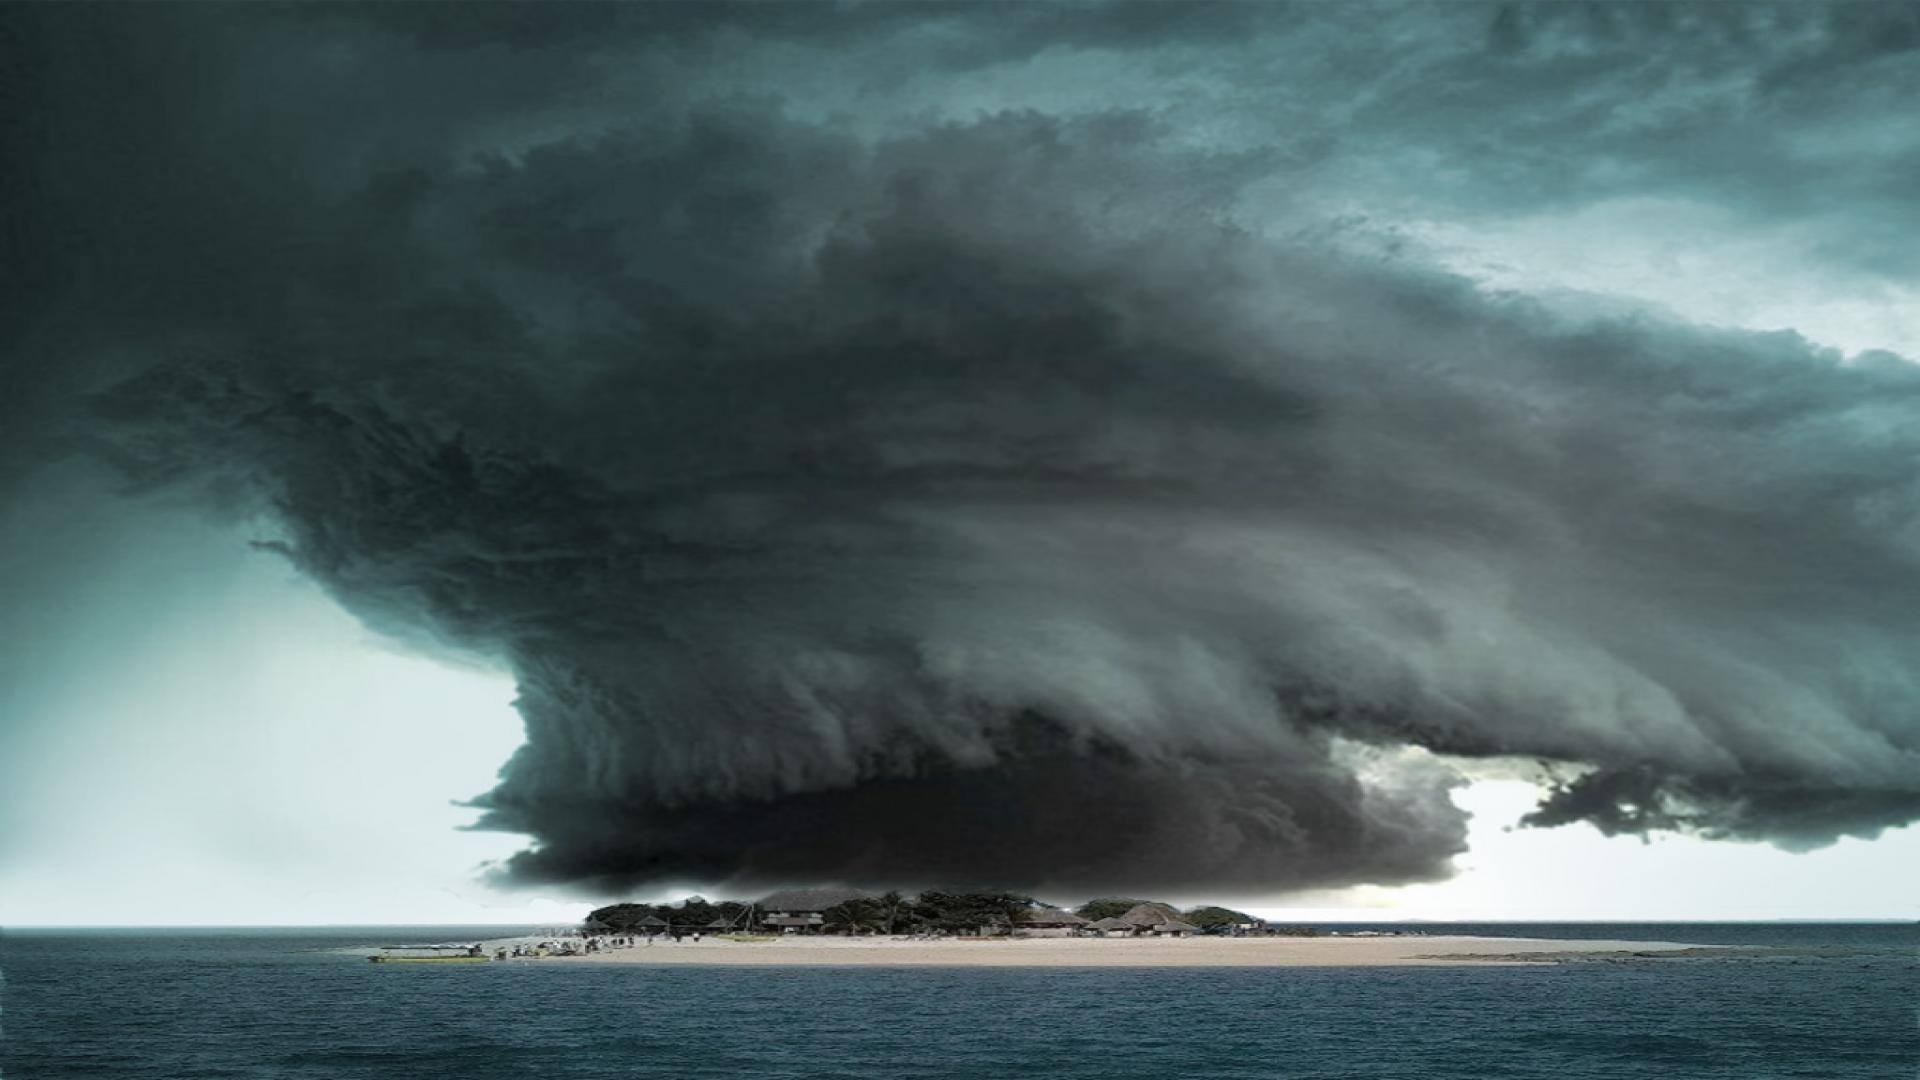 Бенефис разрушительных ураганов: готовятся к худшему — вслед за «Харви» пришла «Ирма»